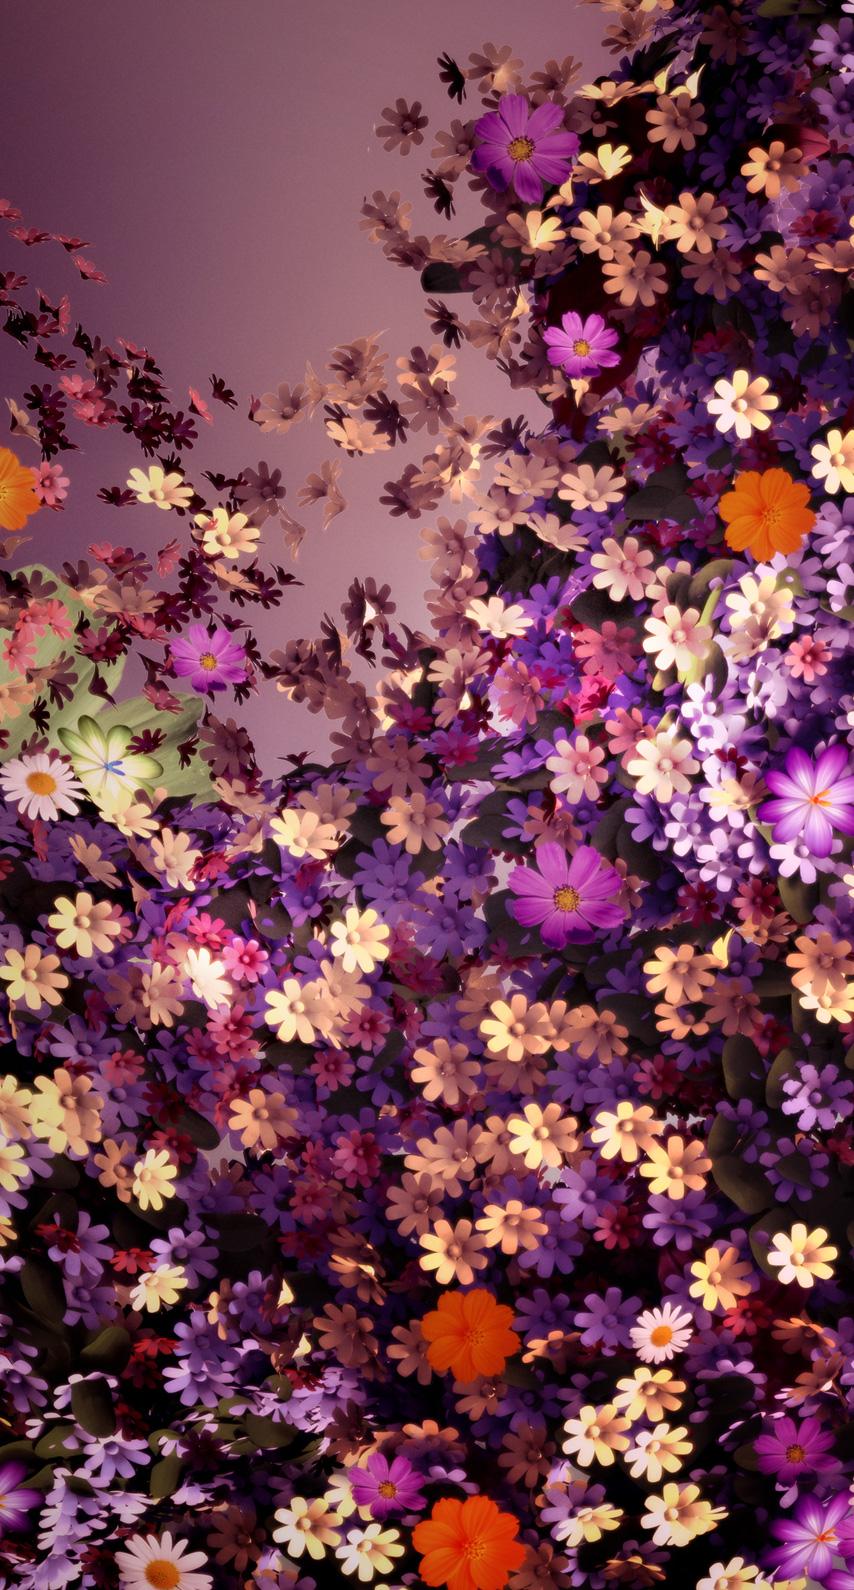 blooming, petal